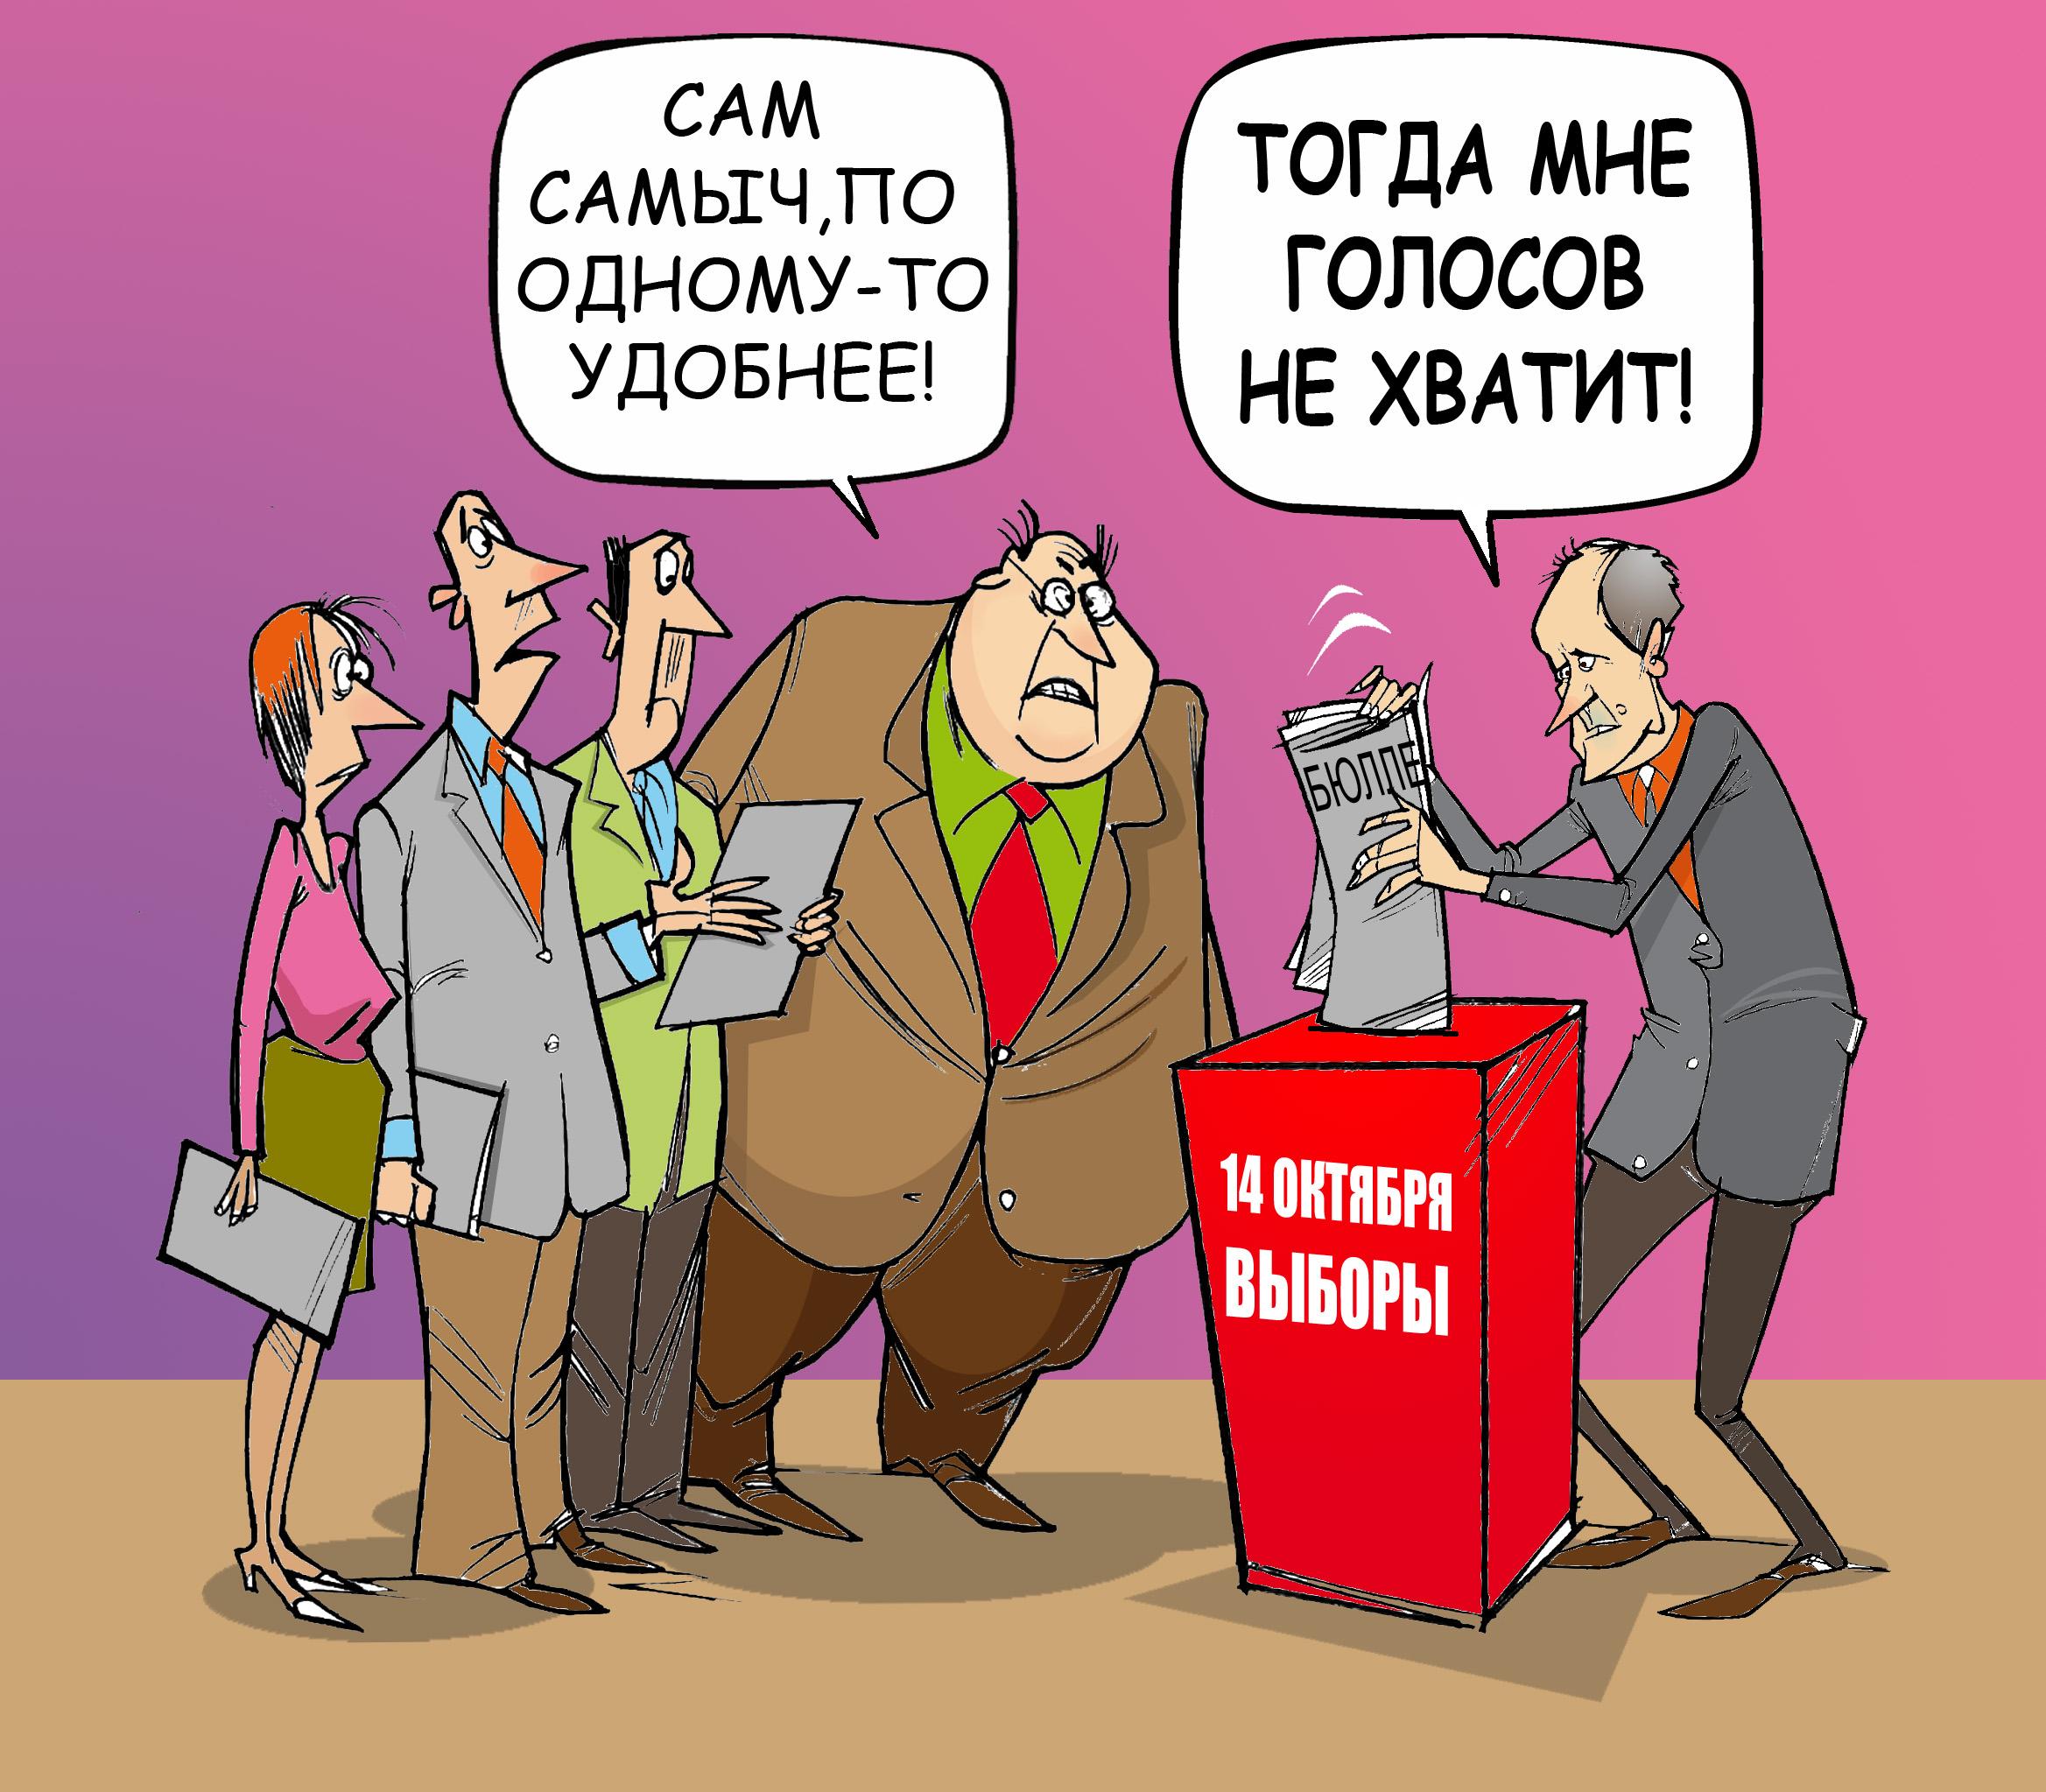 """Как удобней засунуть... #Бюллетень #выборы #президентУР #Волков © Газета """"День"""" 2012"""